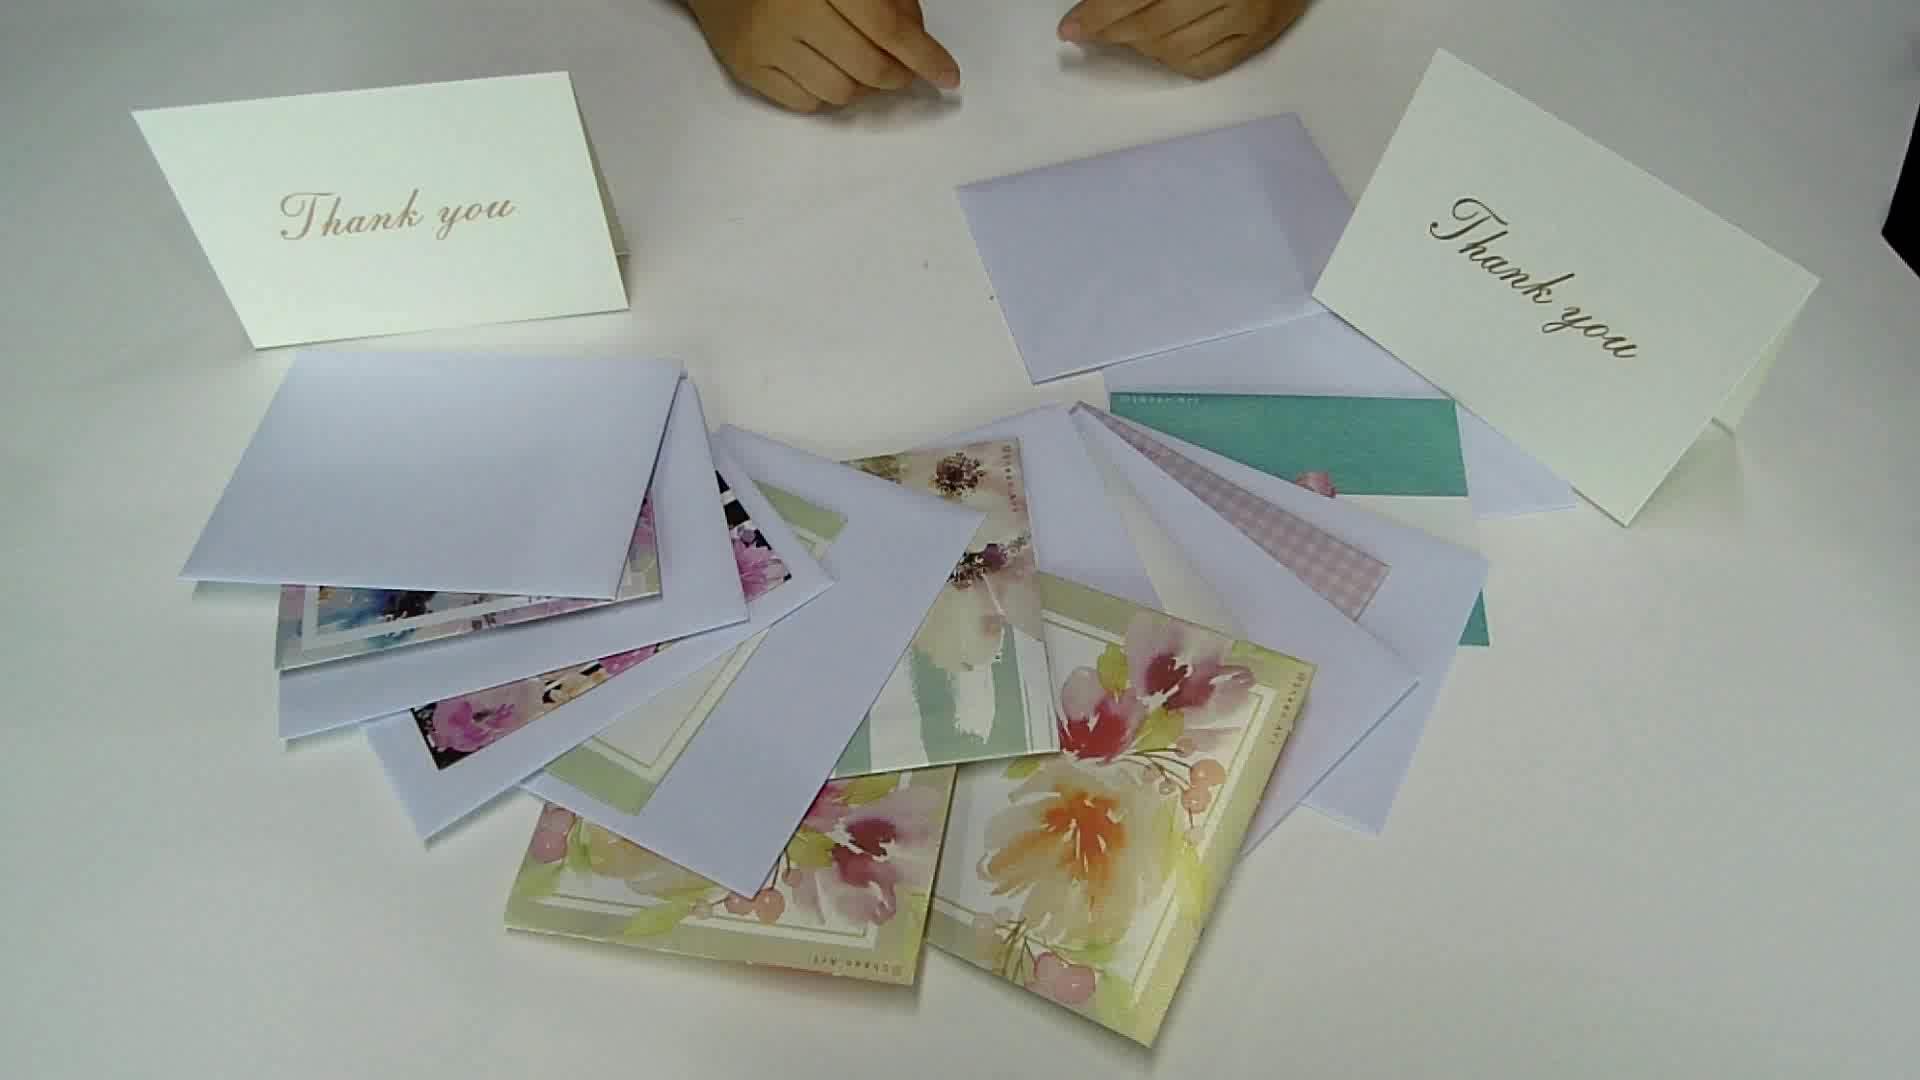 Akzeptieren Sie benutzerdefinierte leere transluzente Geschenk / Plakat Karte Umschlag